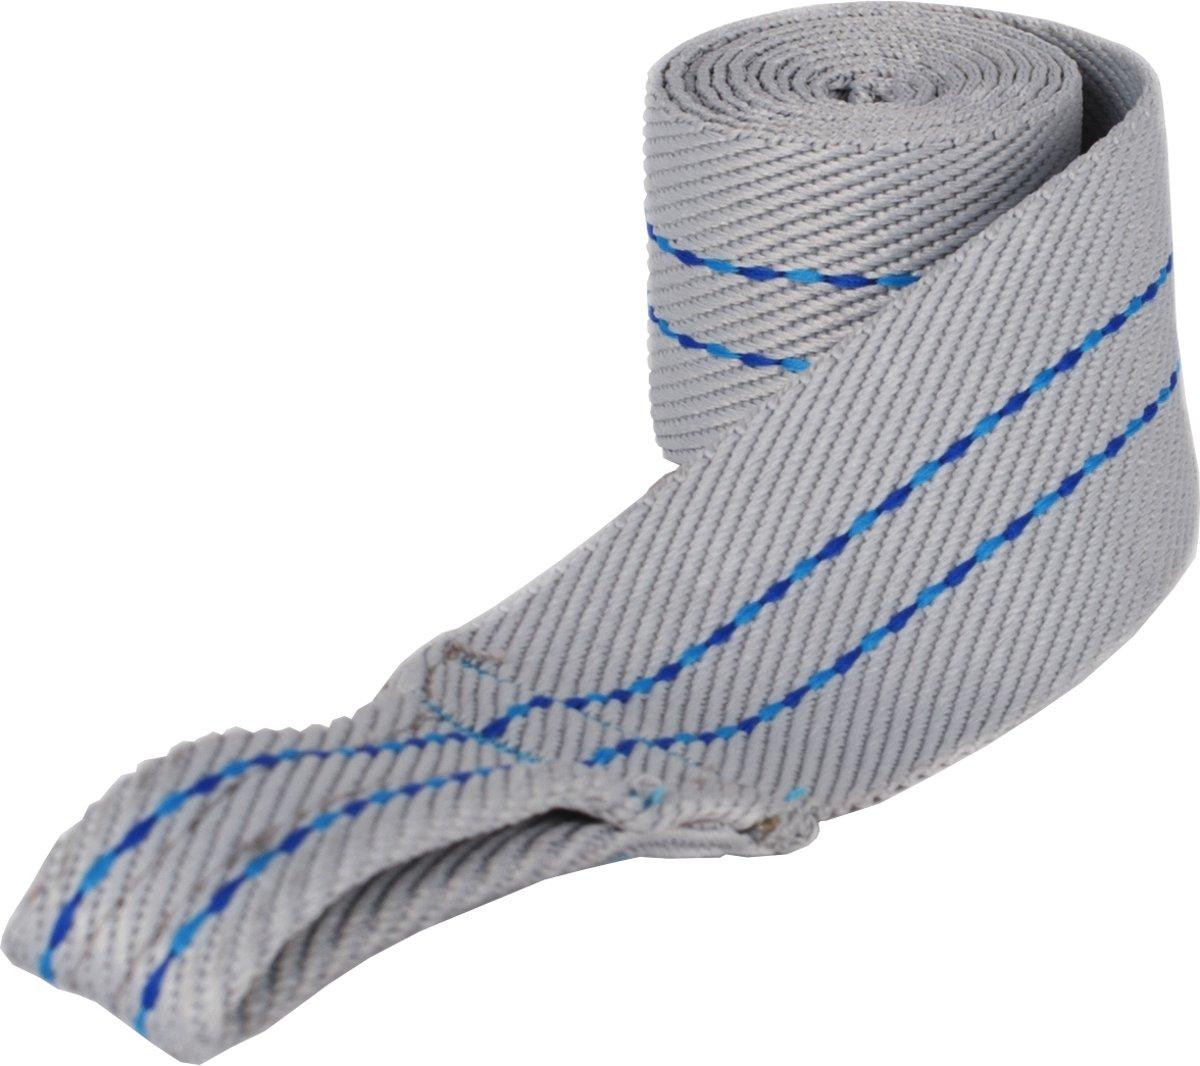 Sea to Summit Hammock Tree Protector Hangmat accessoire - Beschermde hangmatbanden - Grijs - 135g